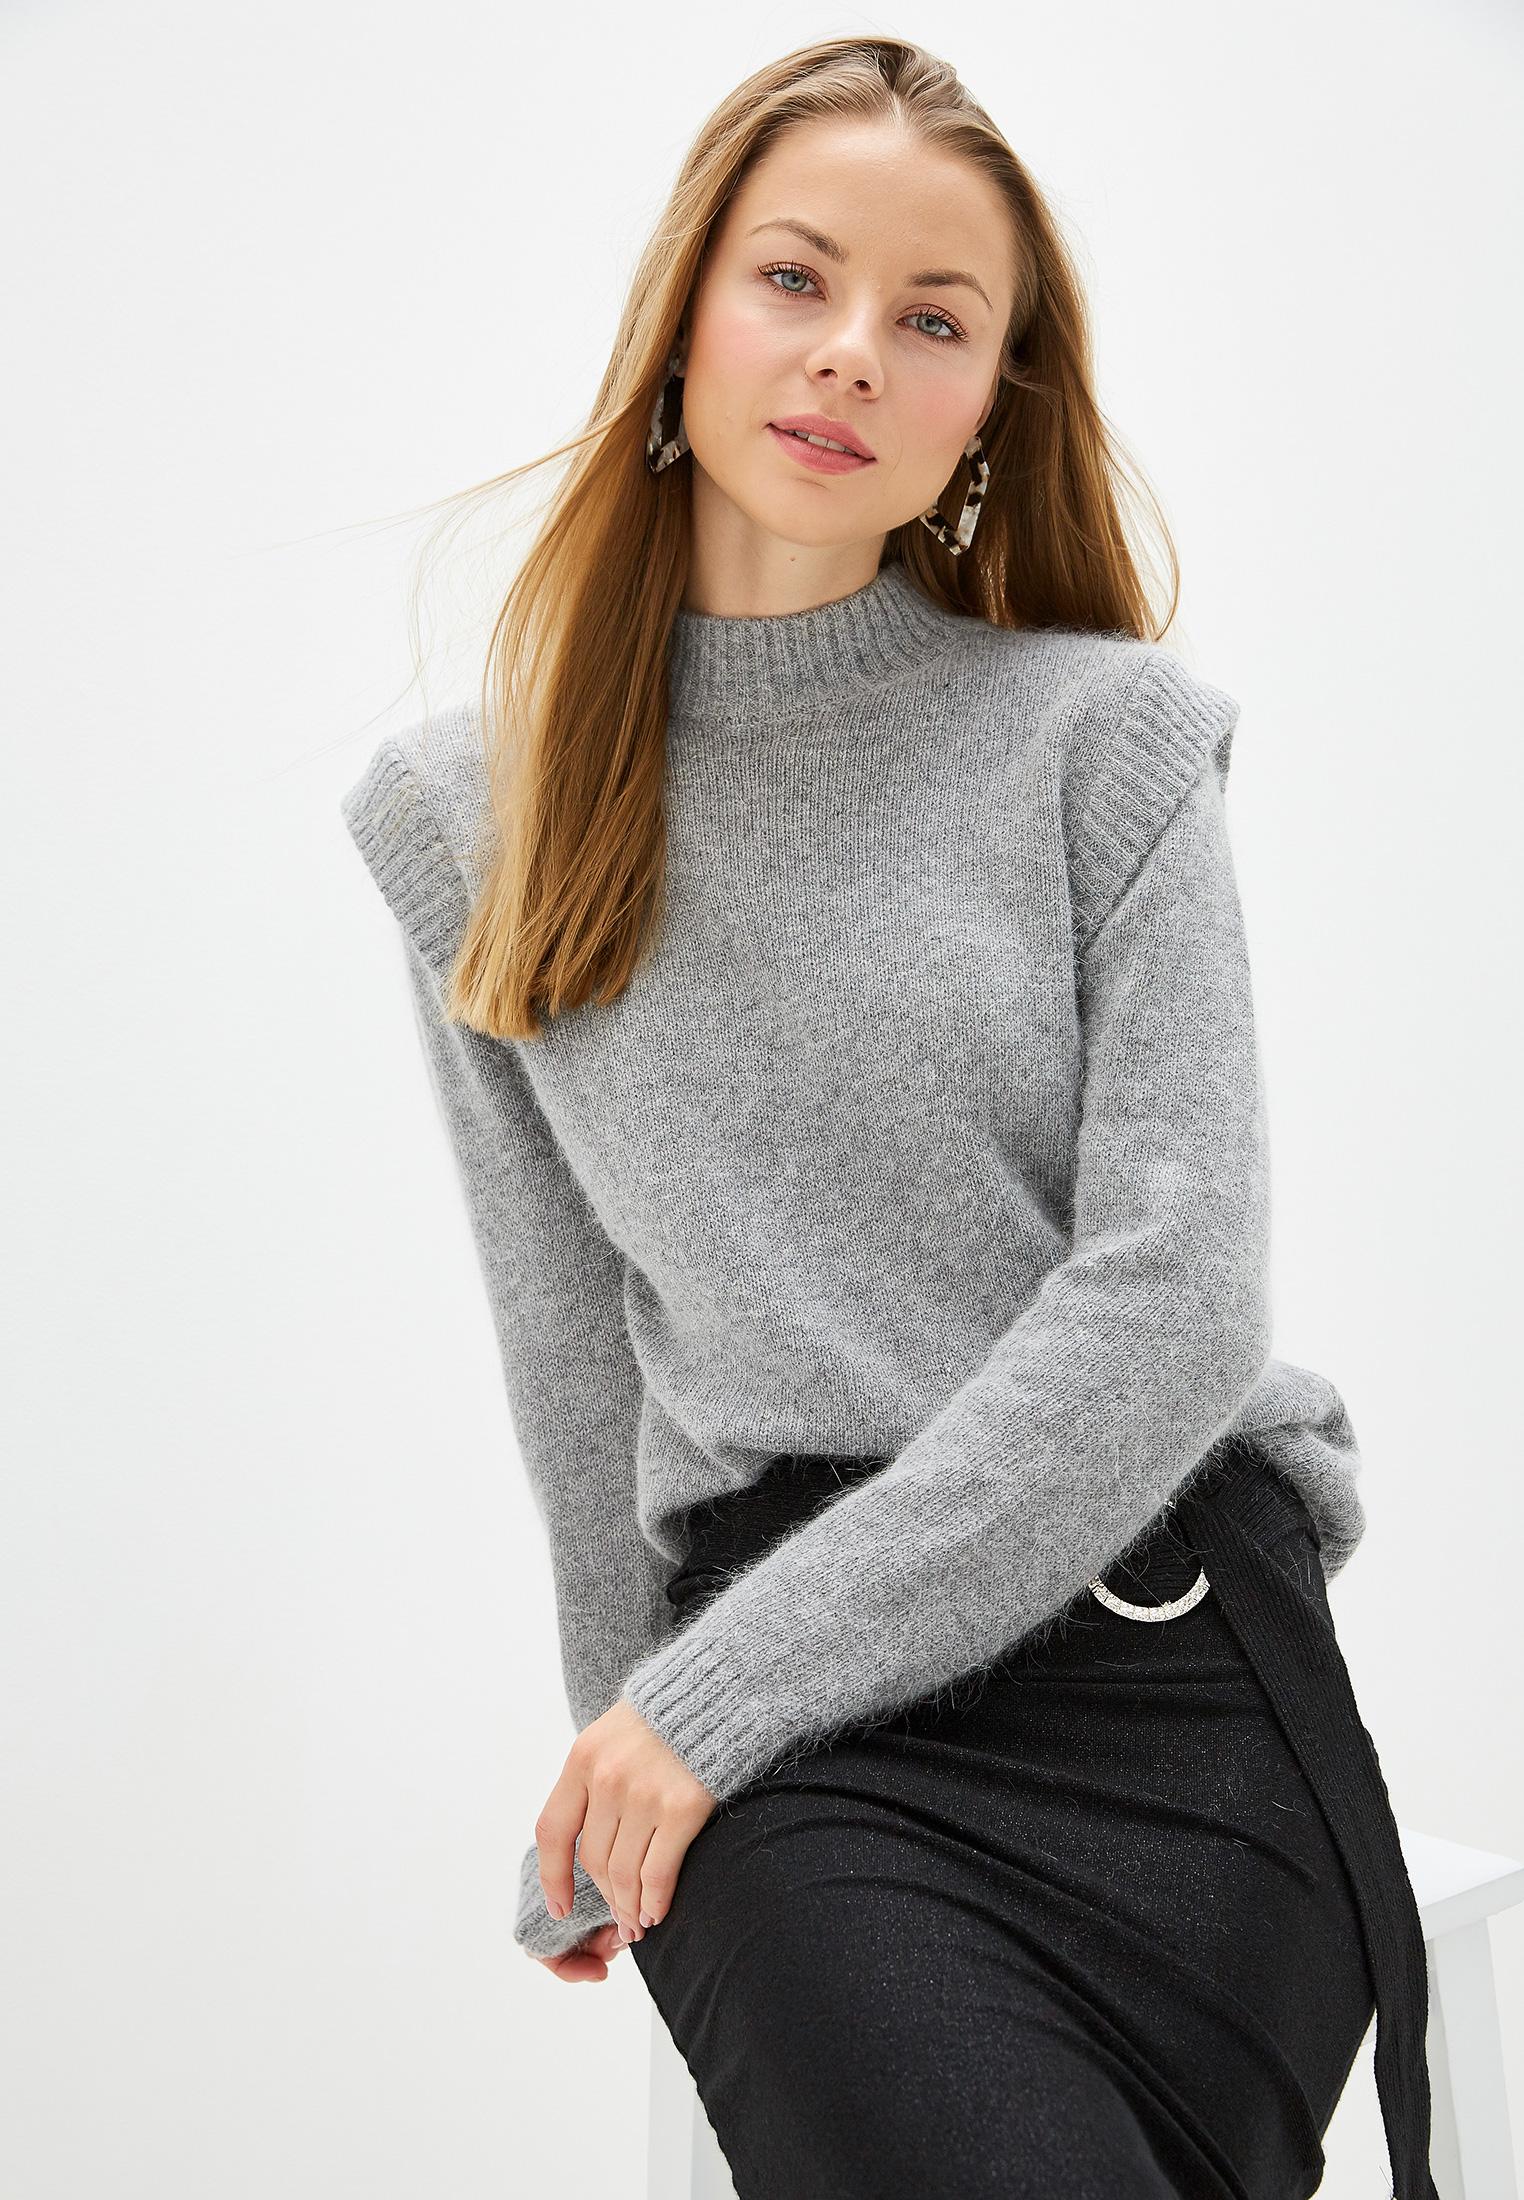 Свитер, Love Republic, цвет: серый. Артикул: MP002XW1210E. Одежда / Джемперы, свитеры и кардиганы